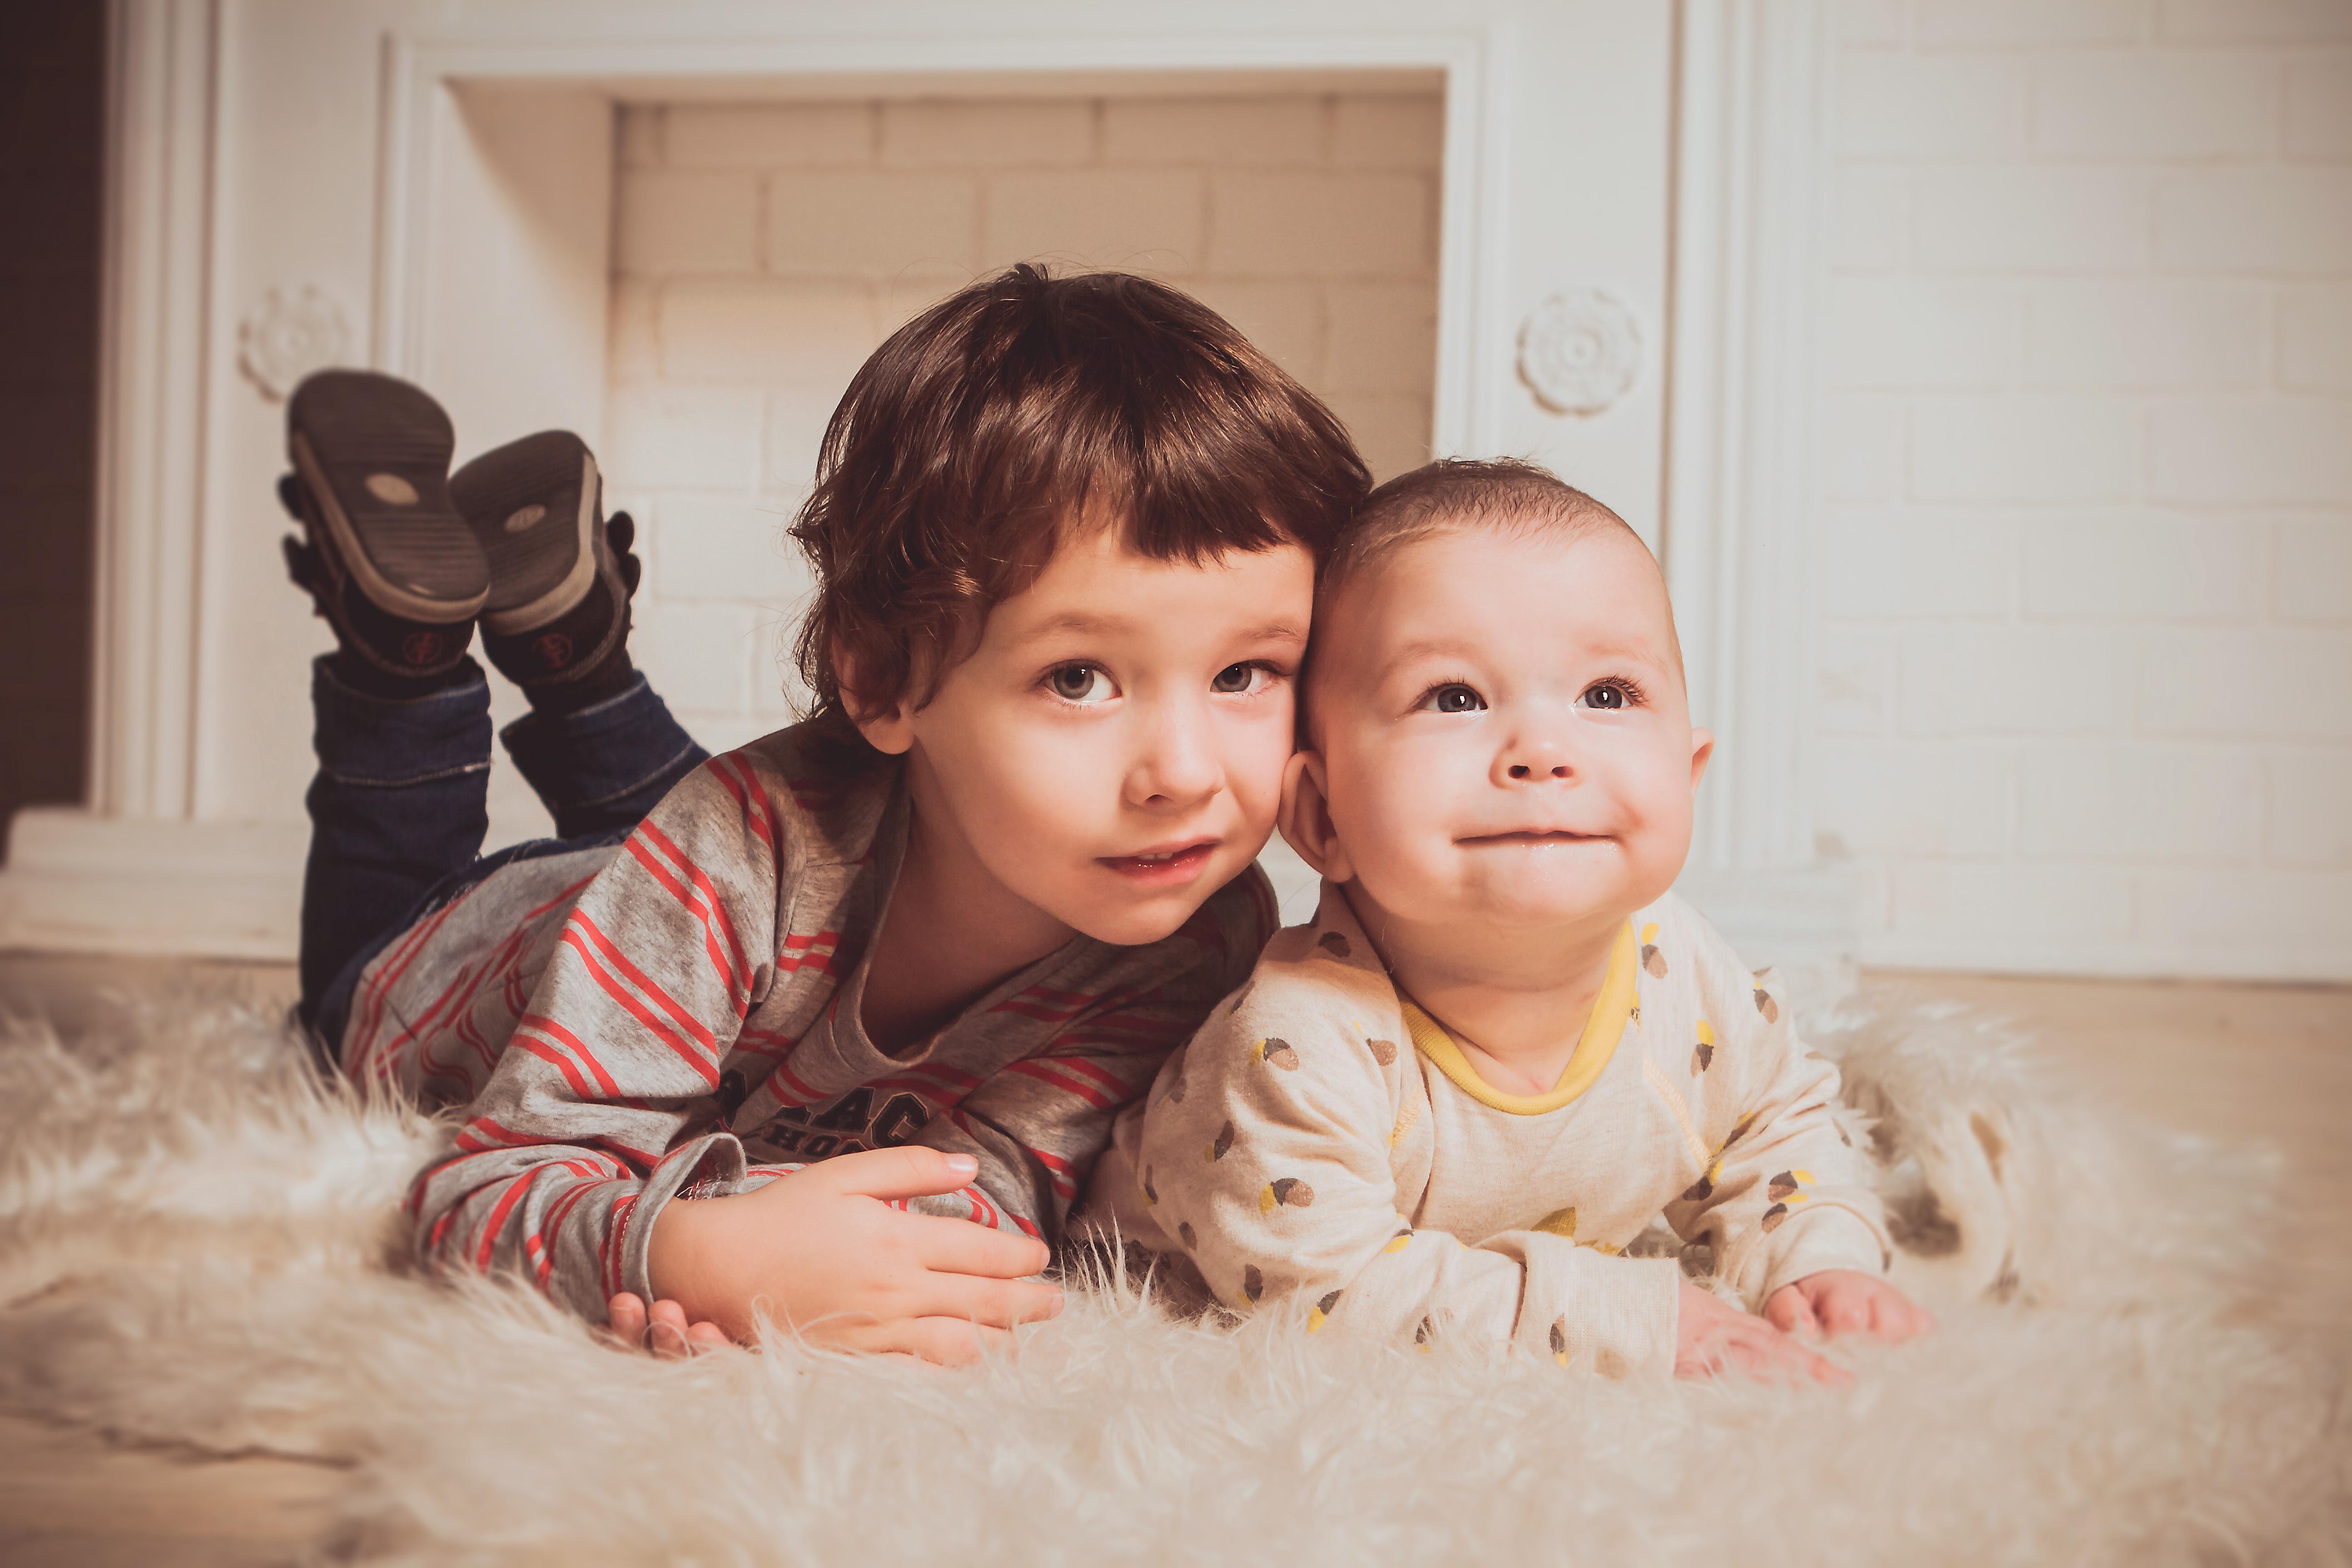 預防遺傳性疾病胚胎著床前基因診斷(PGD)孕育健康寳寳不再是夢想